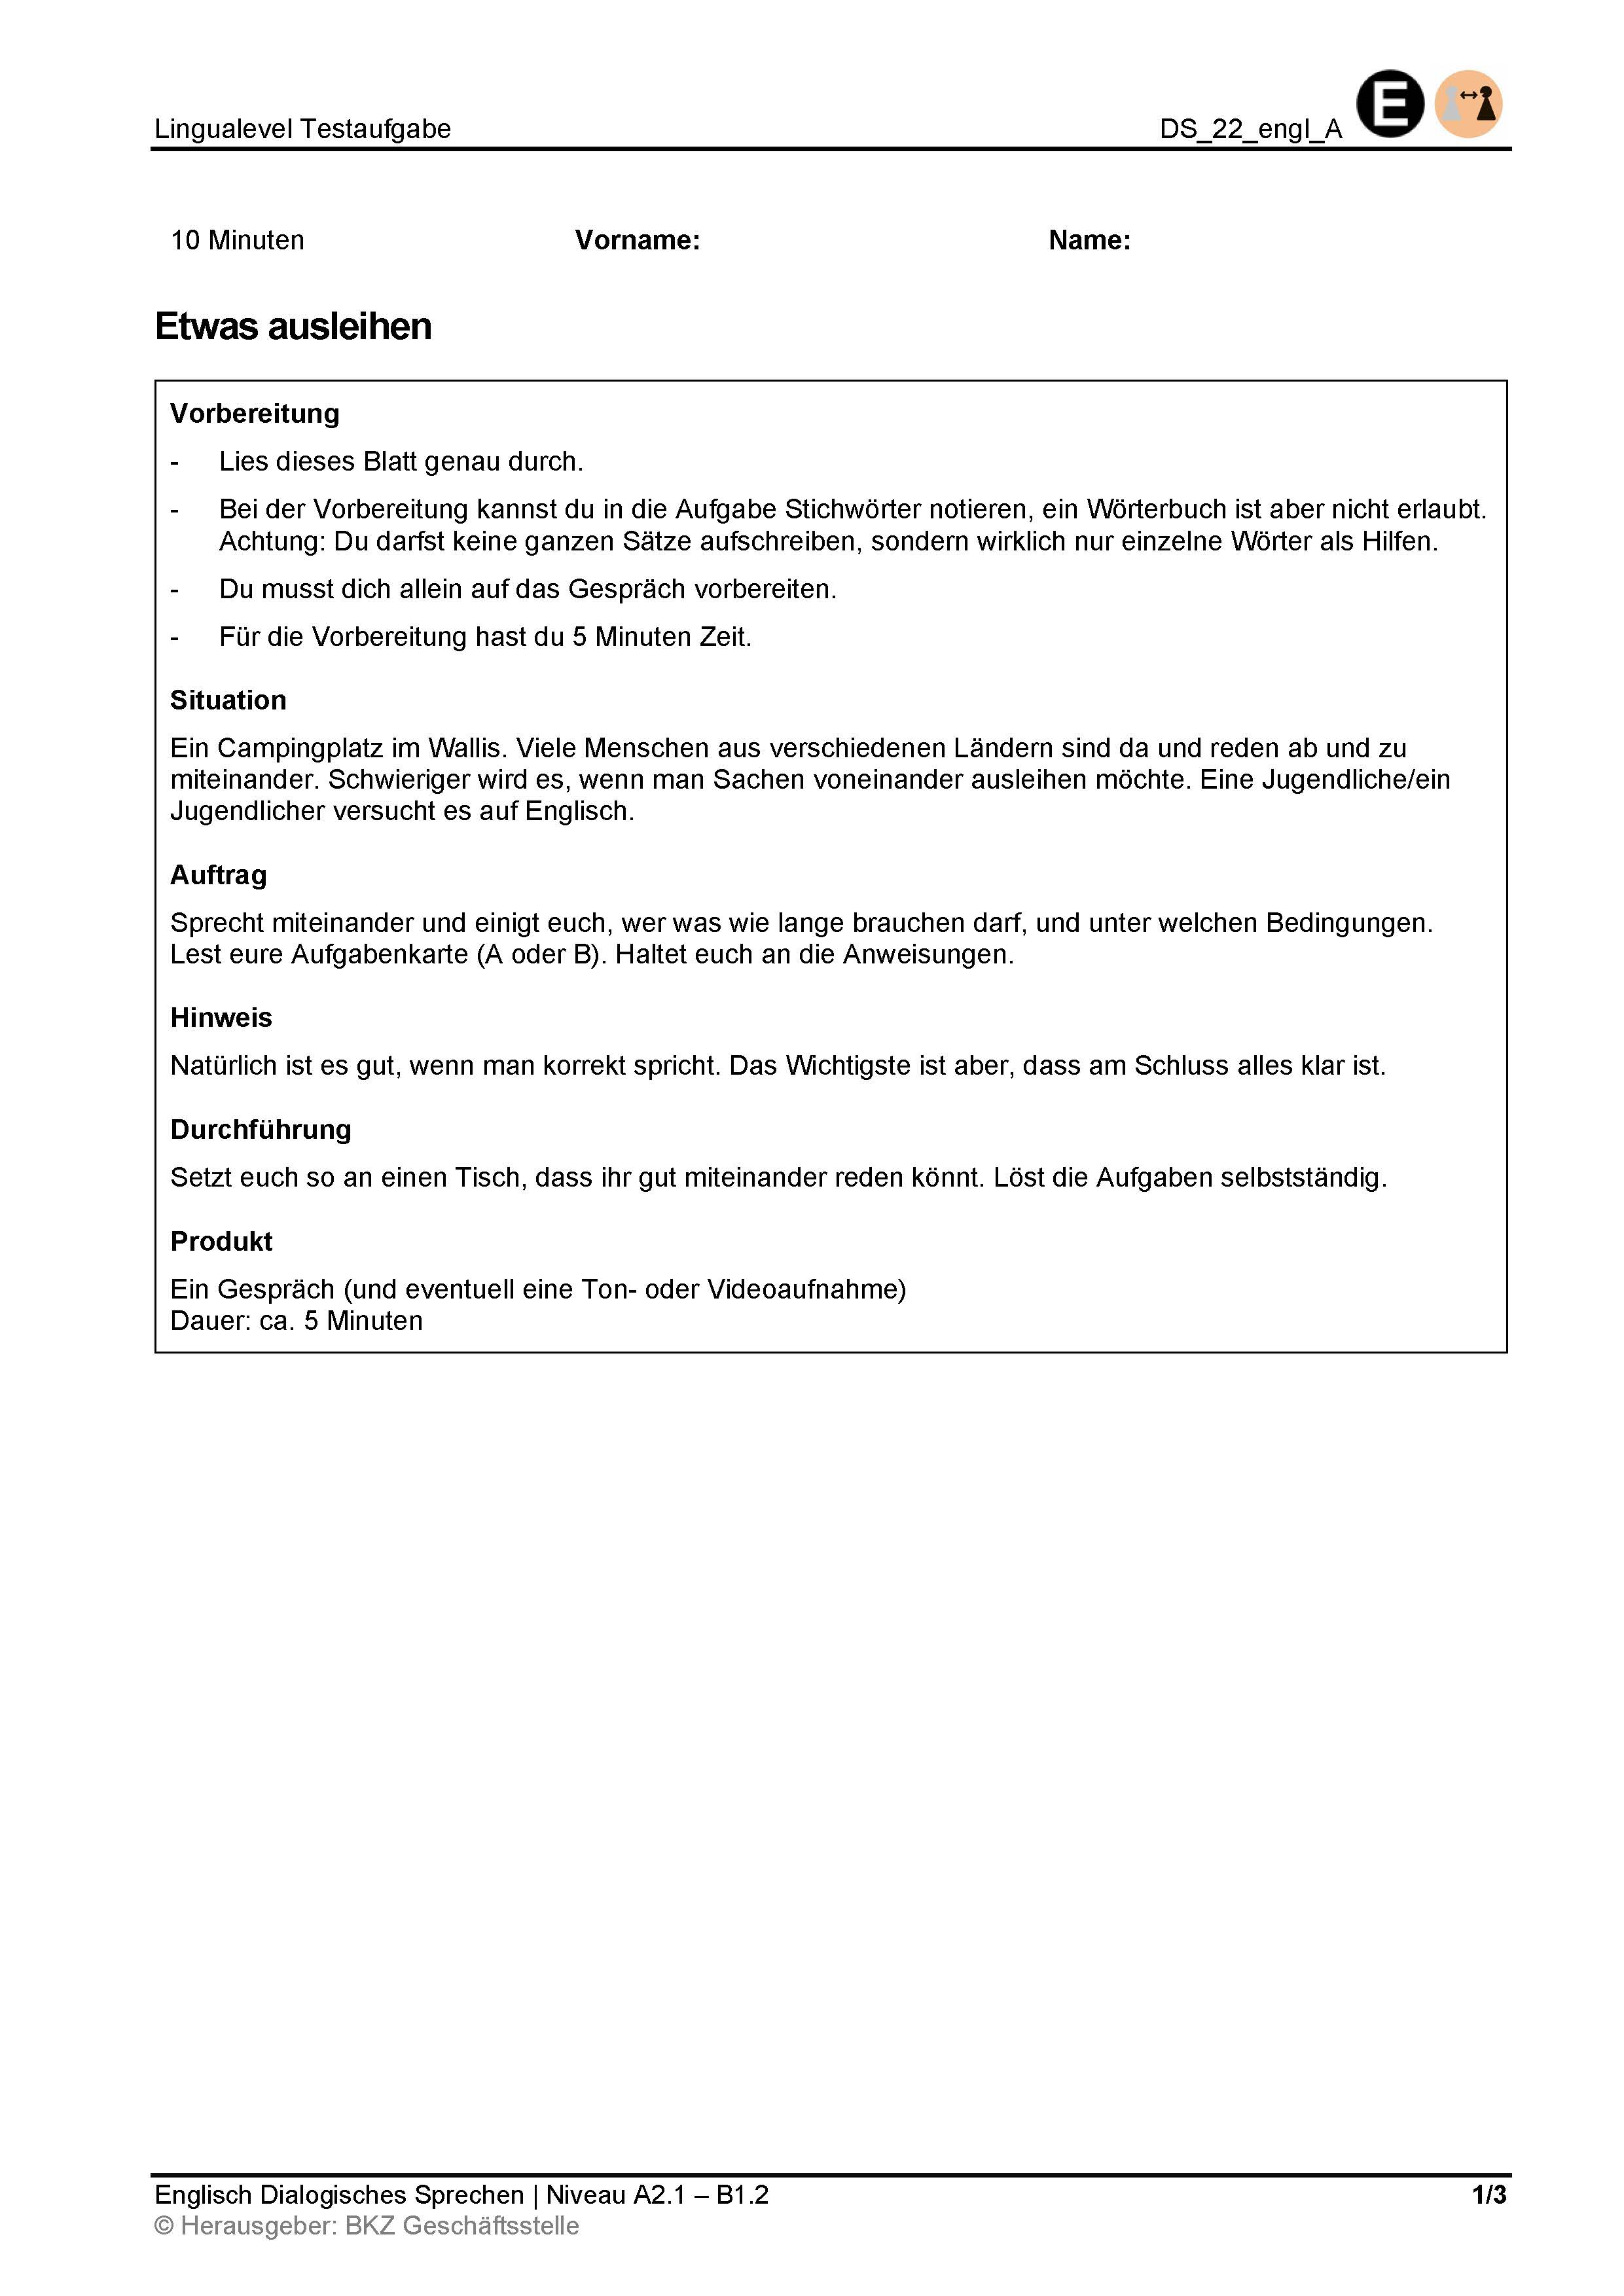 Preview image for LOM object Dialogisches Sprechen: Etwas ausleihen